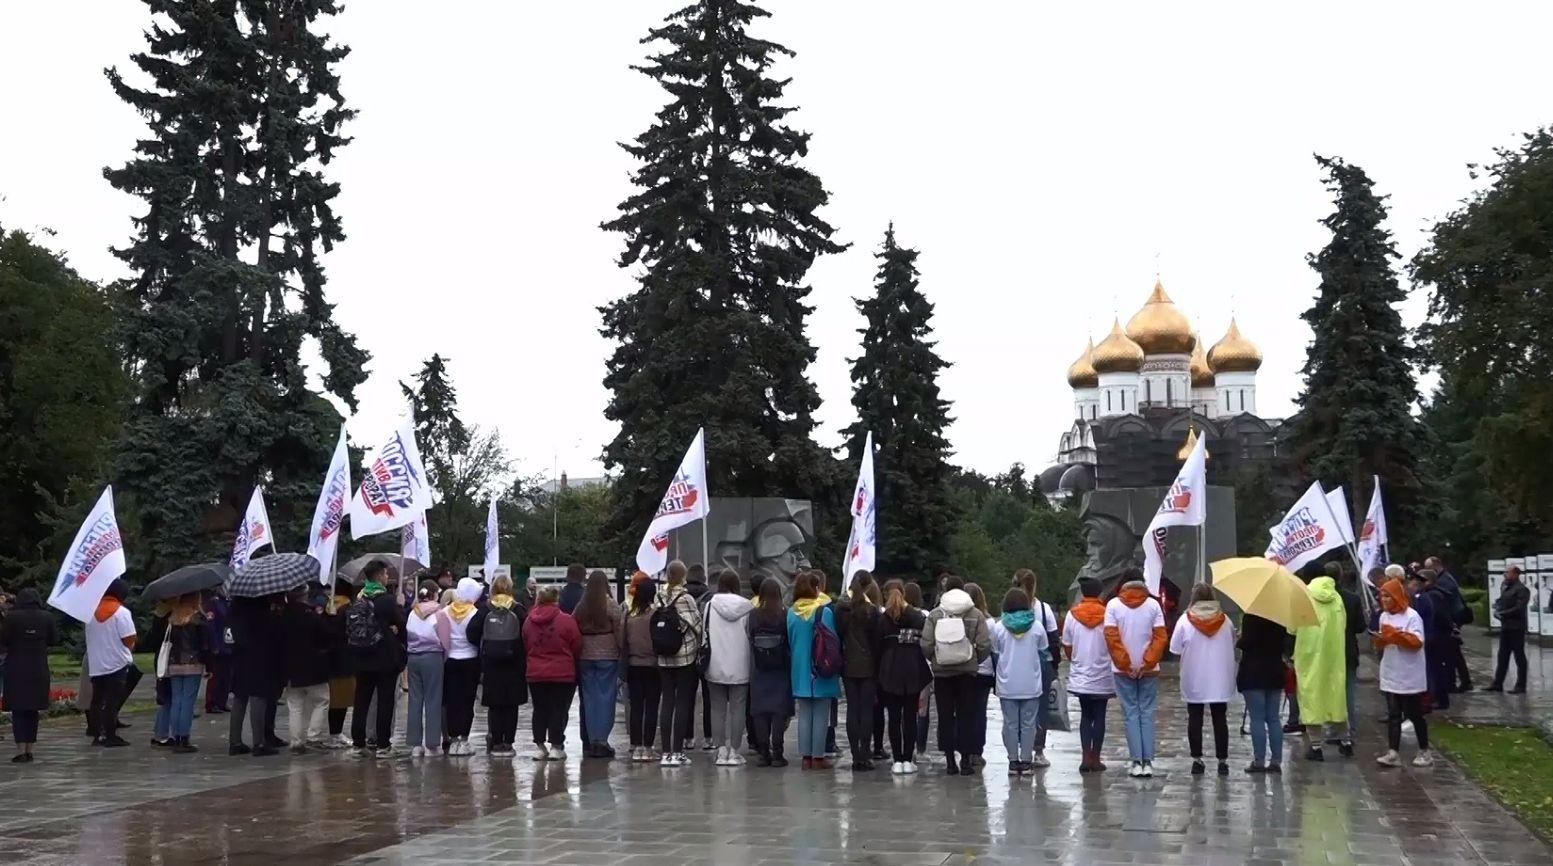 Памятные мероприятия прошли у Вечного огня в Ярославле в День солидарности в борьбе с терроризмом